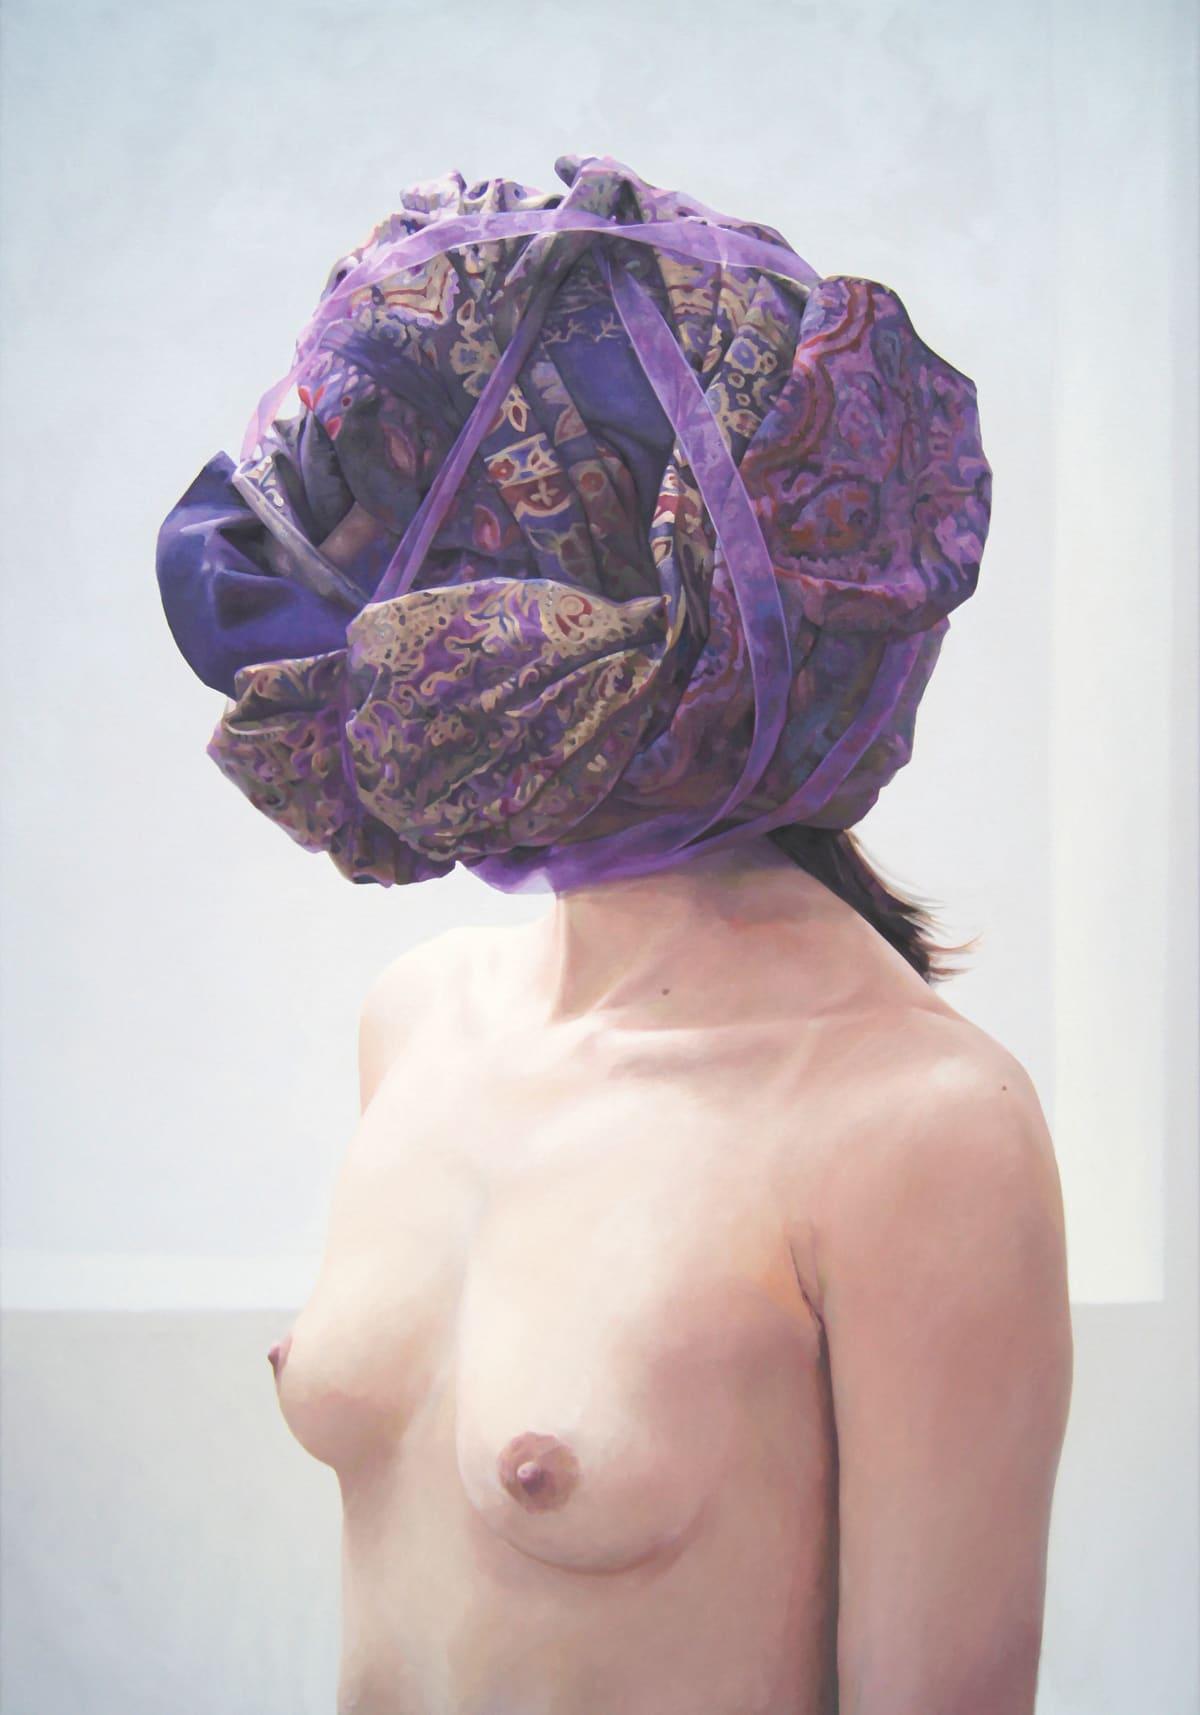 Katia BOURDAREL, Les Possédées #4, 2017